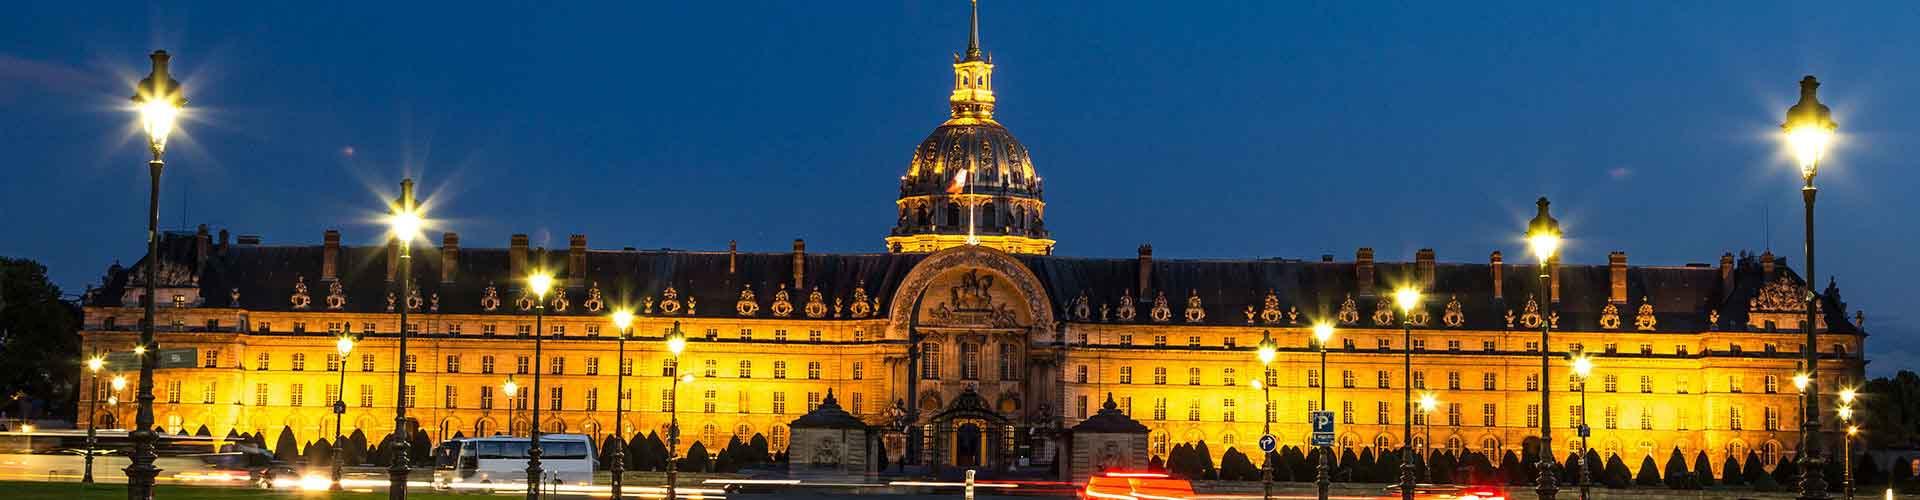 Pariisi – Hostellit lähellä Les Invalides. Pariisi -karttoja, valokuvia ja arvosteluja kaikista Pariisi -hostelleista.